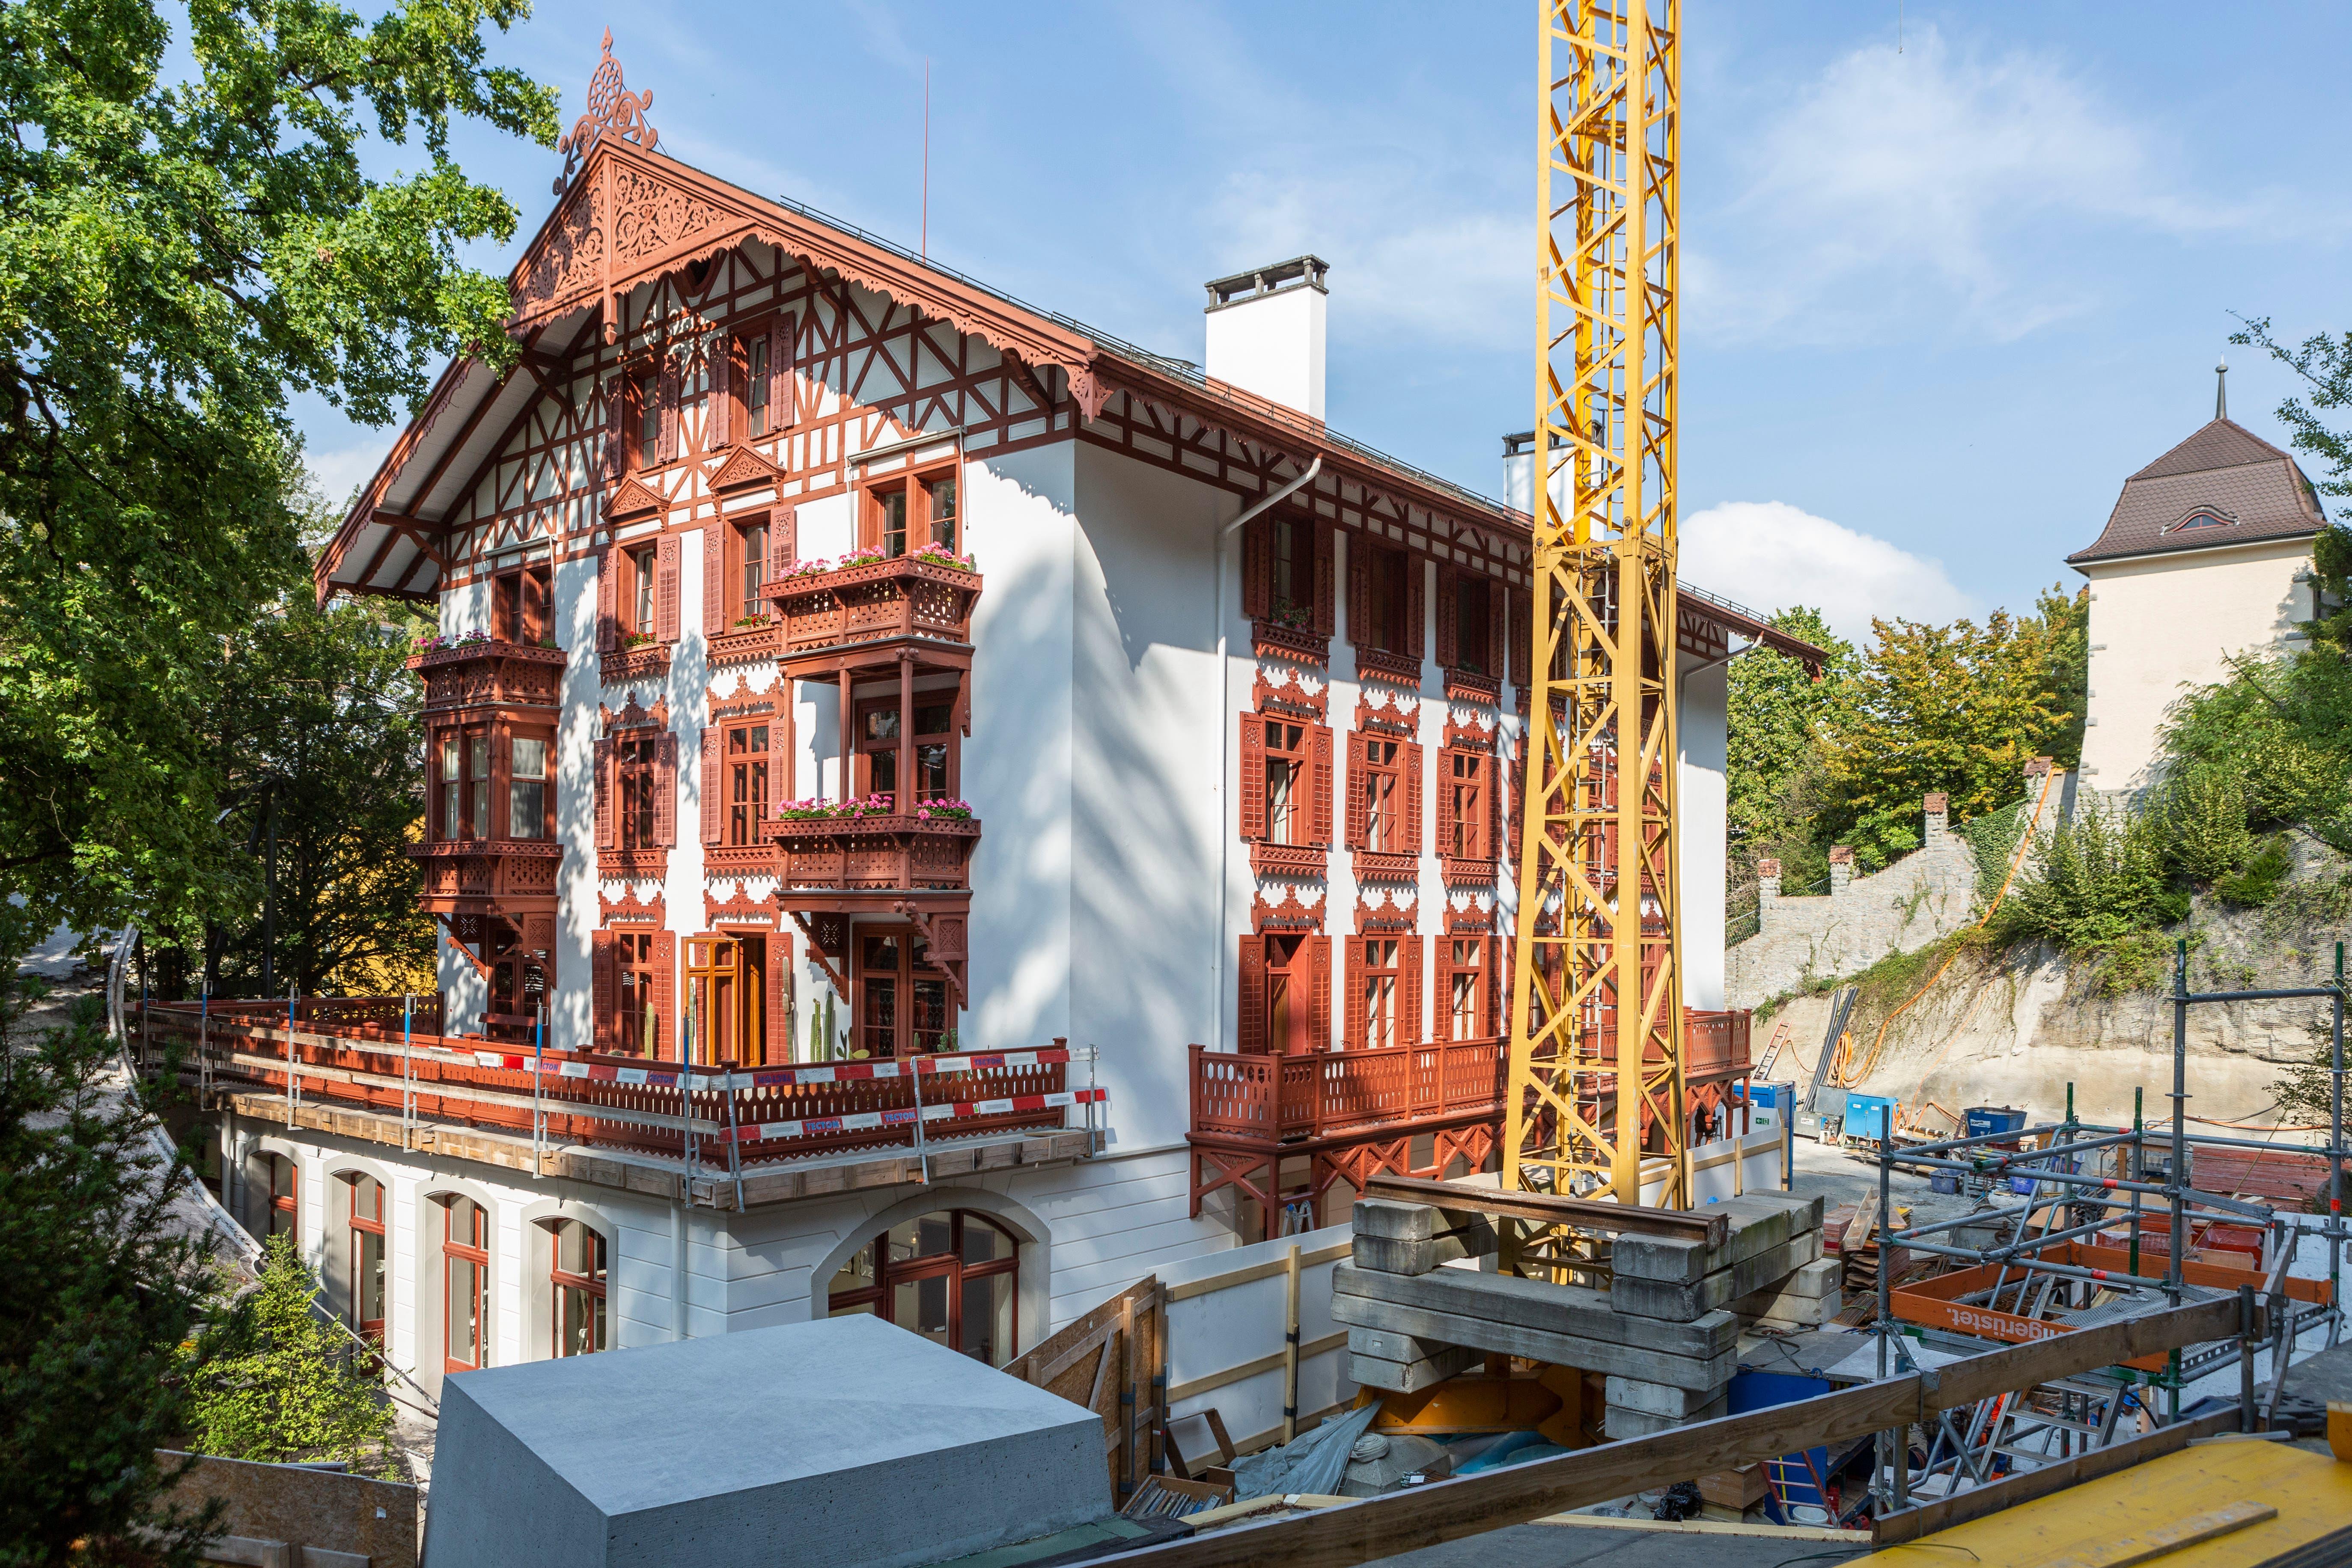 Das historische Schweizerhaus erstrahlt nach der aufwendigen Restauration in altem Glanz. Rechts daneben ist der Kran für die Arbeiten beim grossen Ausbauprojekt «Fels» des Gletschergartens.